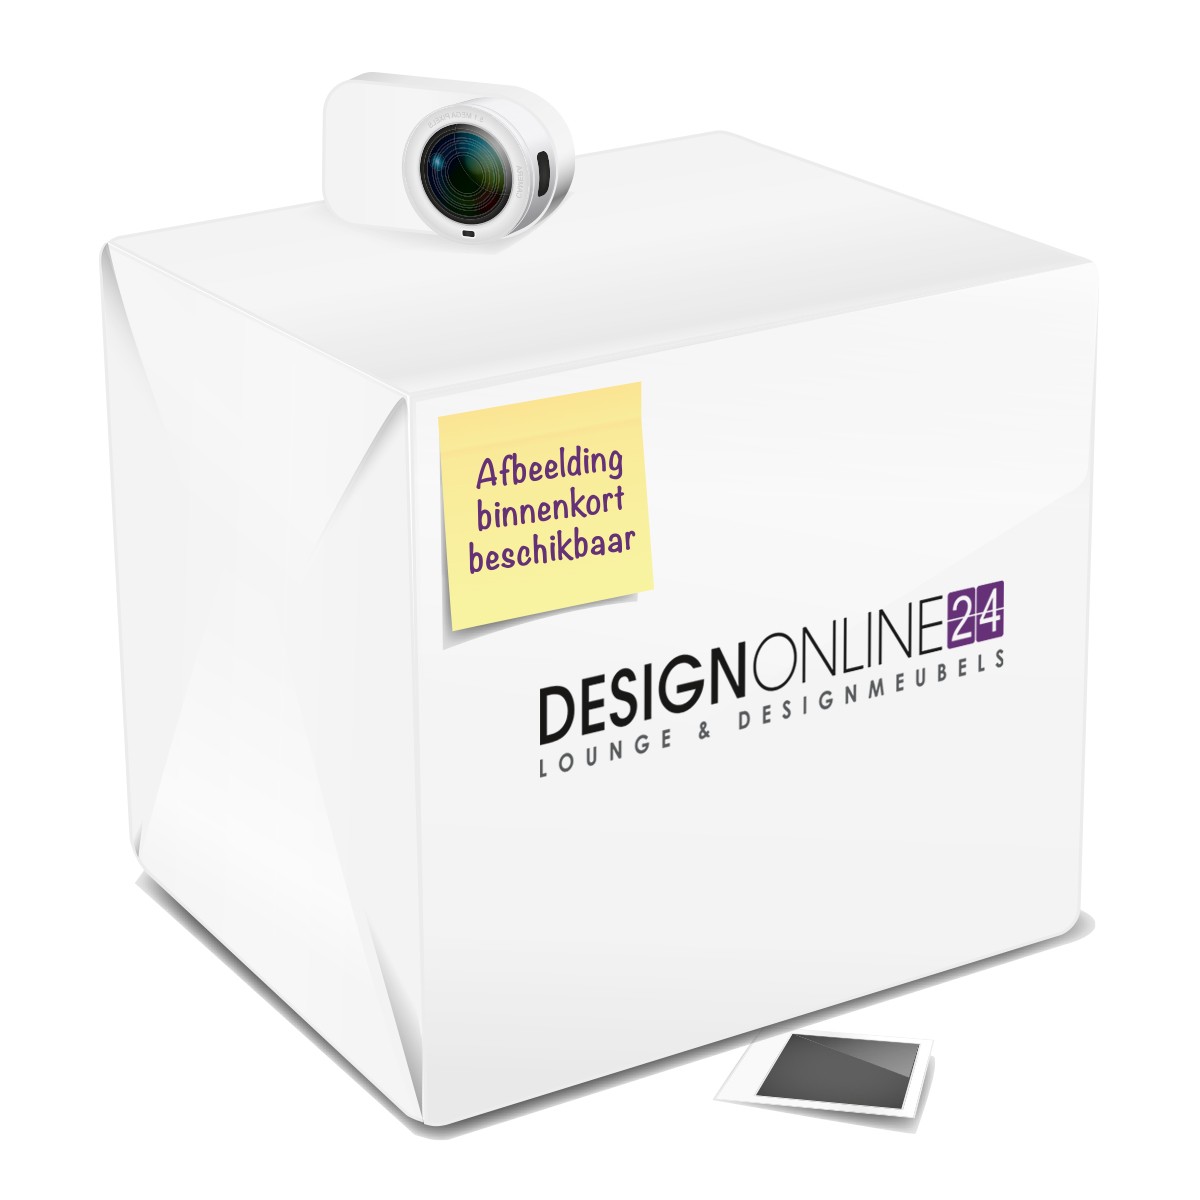 24Designs Loungeset voor 4 Personen - Marina - Bruin/Grijs Polyrattan Wicker met Crème witte kussens